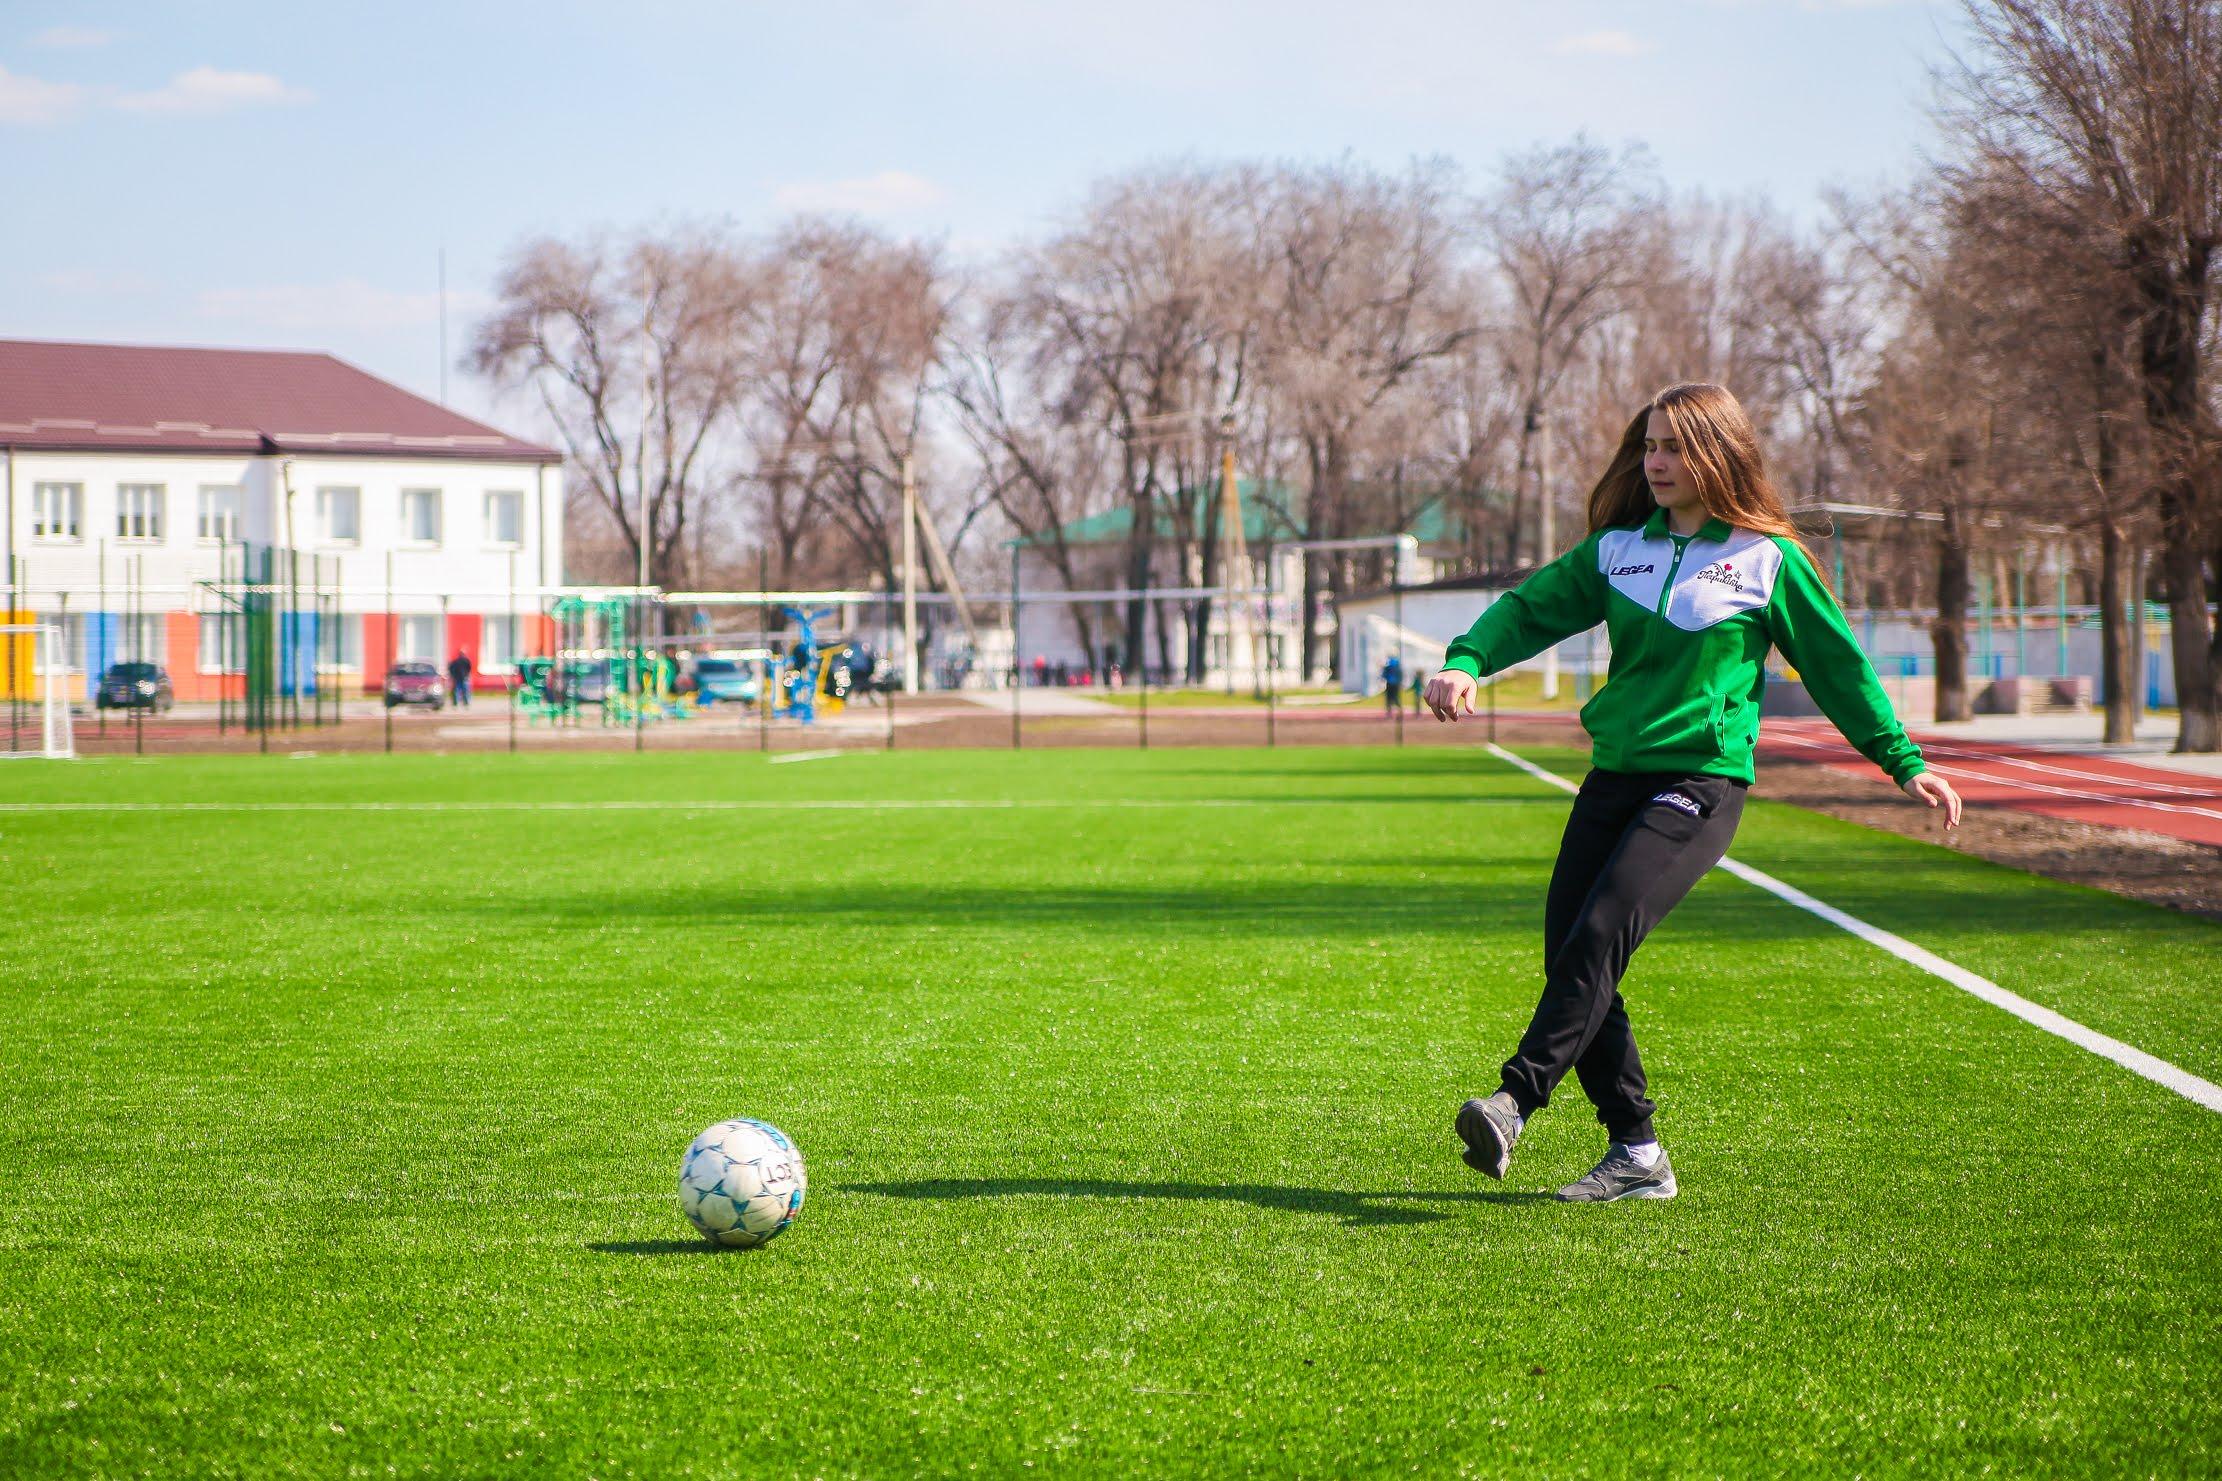 Десятикласниця Анастасія Немець професійно займається футболом